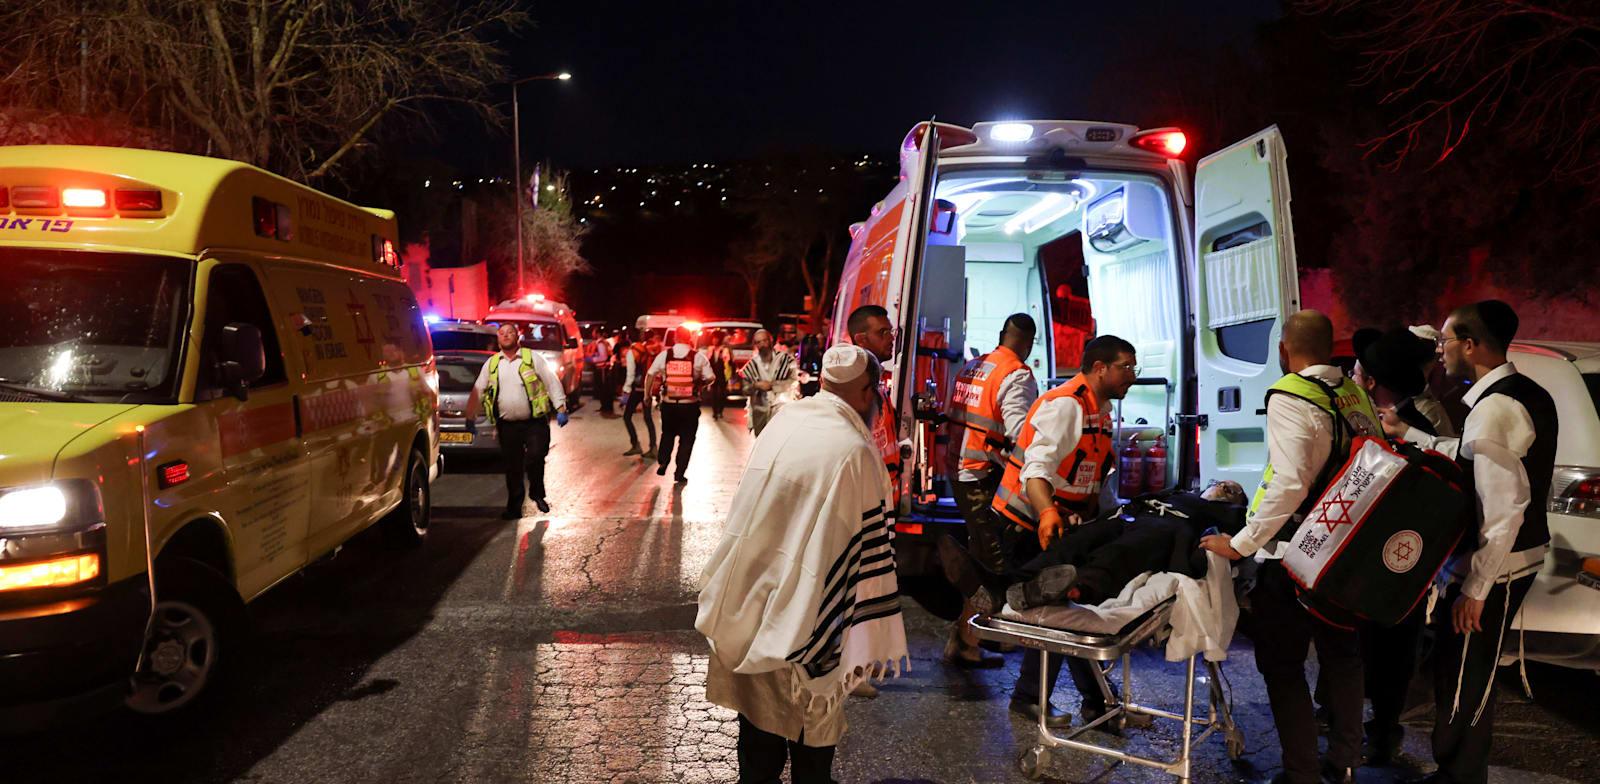 חילוץ הפצועים מבית הכנסת בגבעת זאב / צילום: Reuters, RONEN ZVULUN